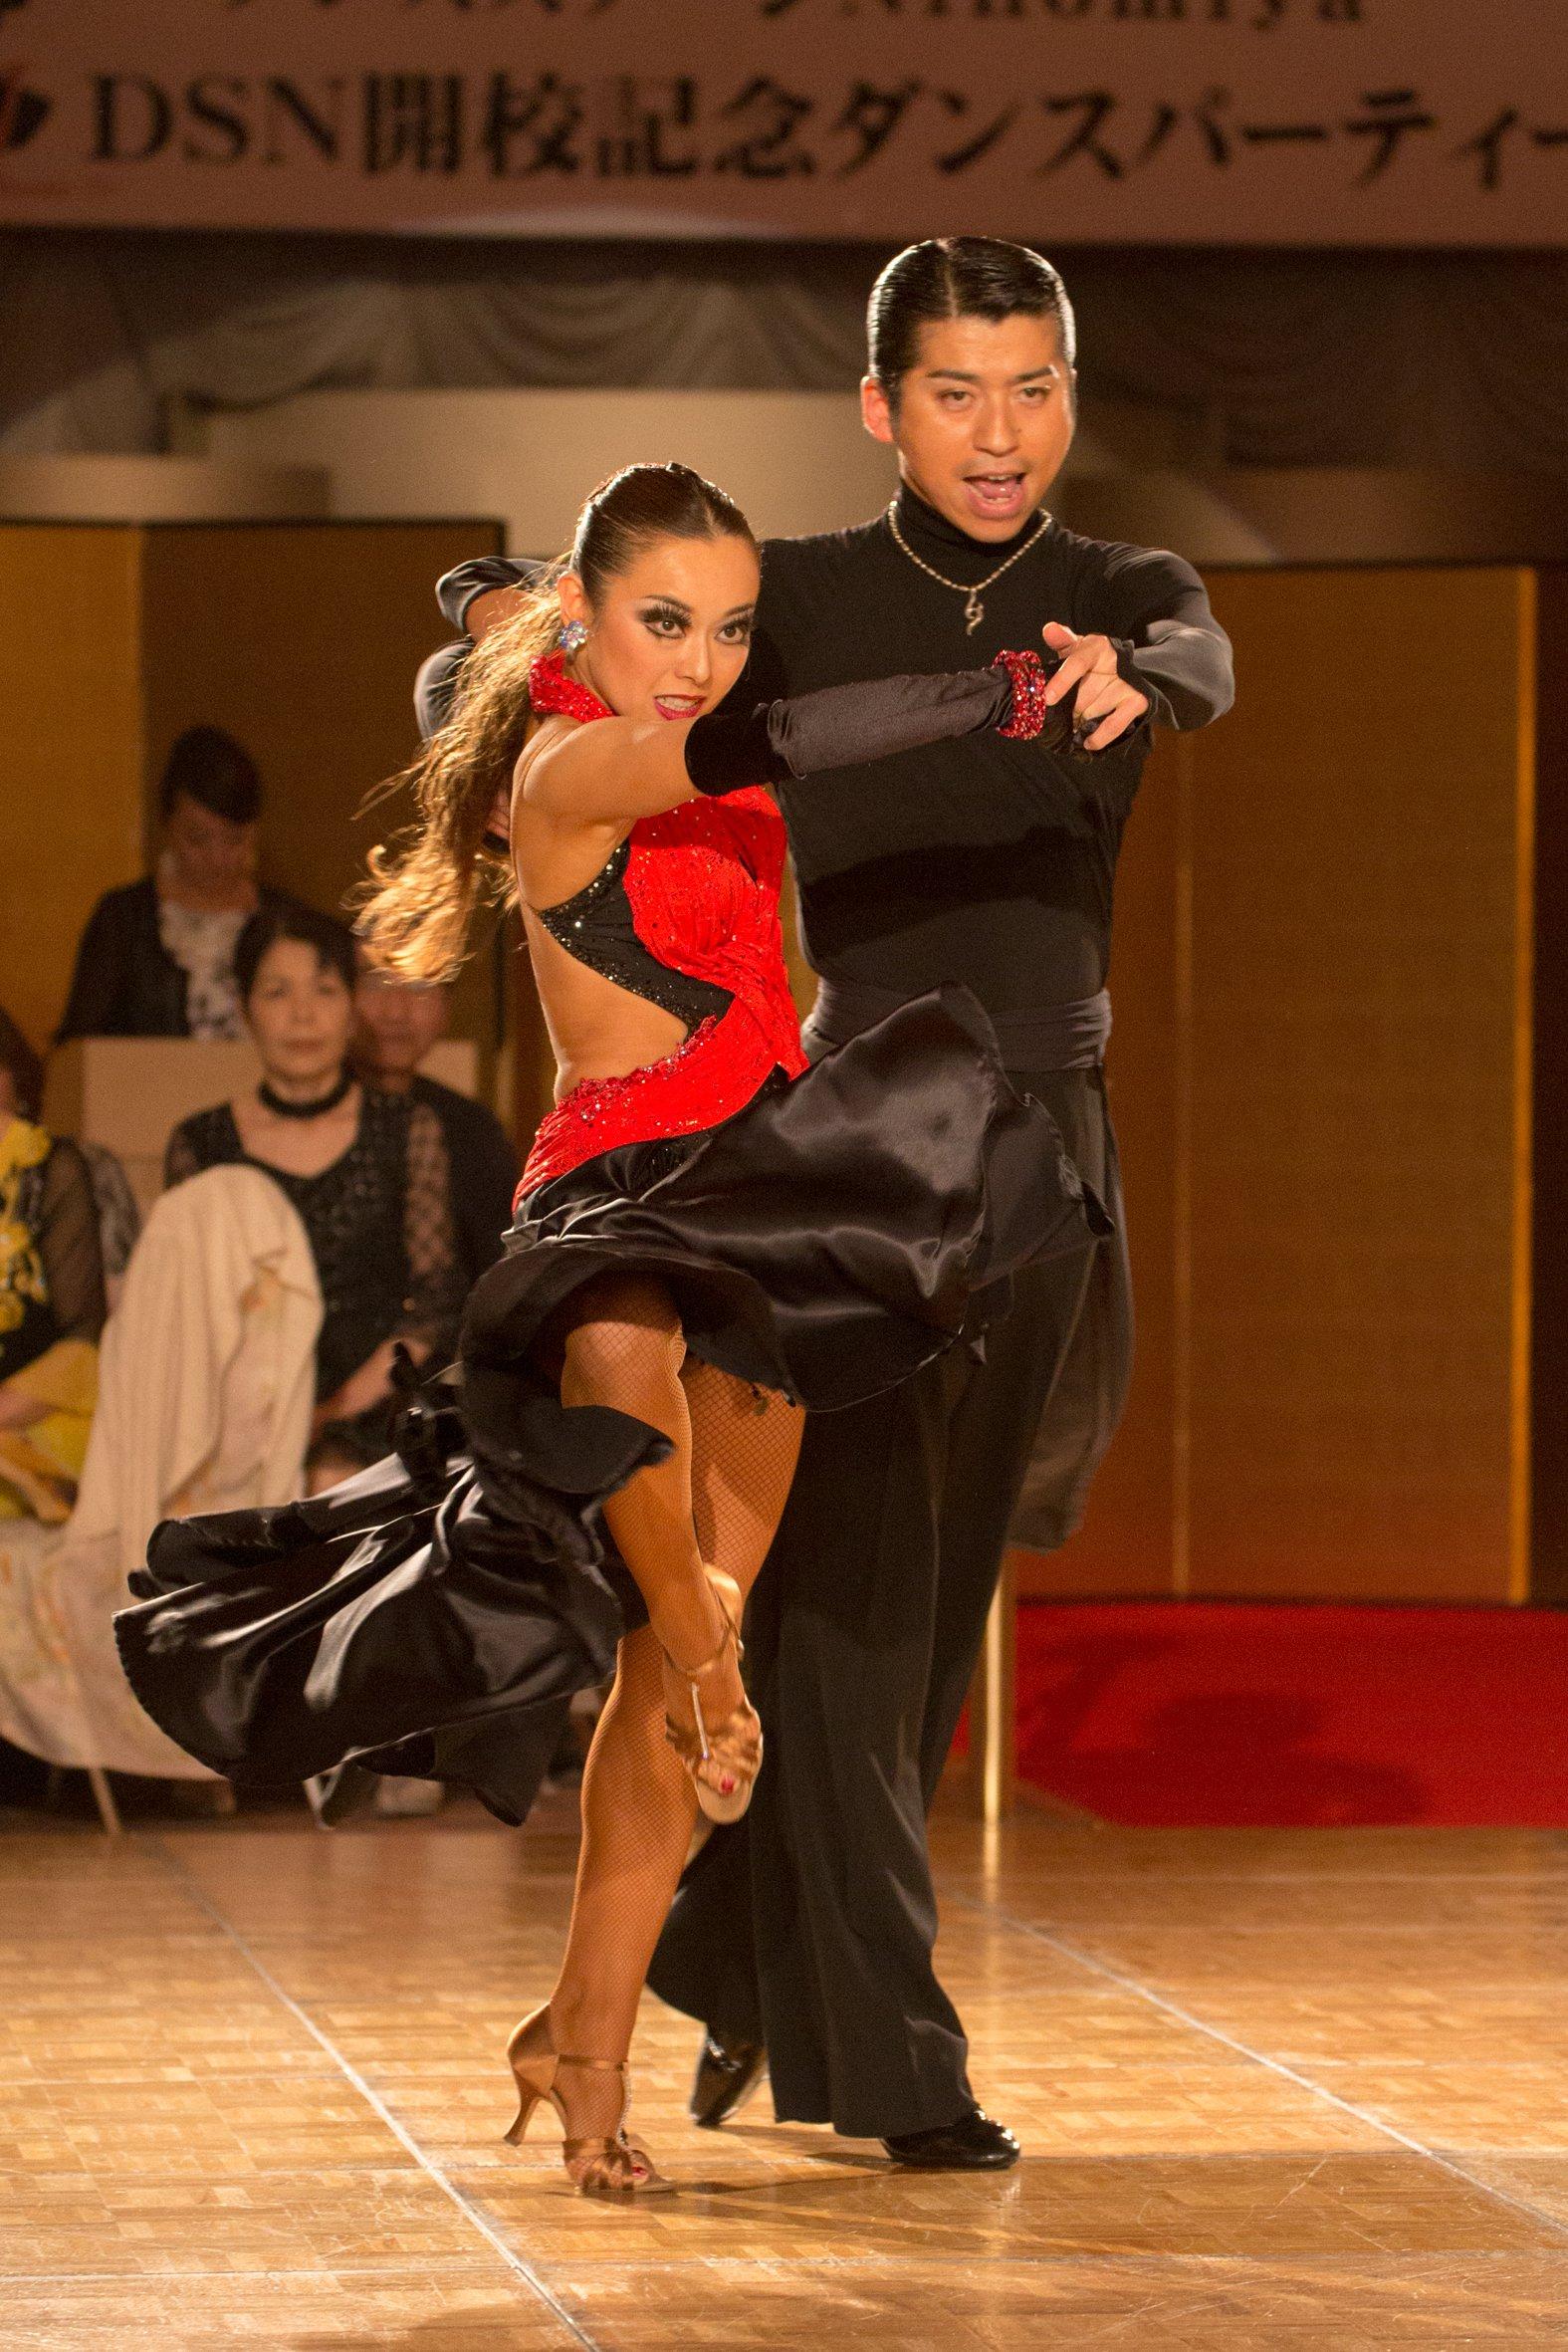 【ハプニング具】社交ダンスとかいう意外とマンポロが多い競技wwwwwwwwwwwwwwwwww(画像あり)・2枚目